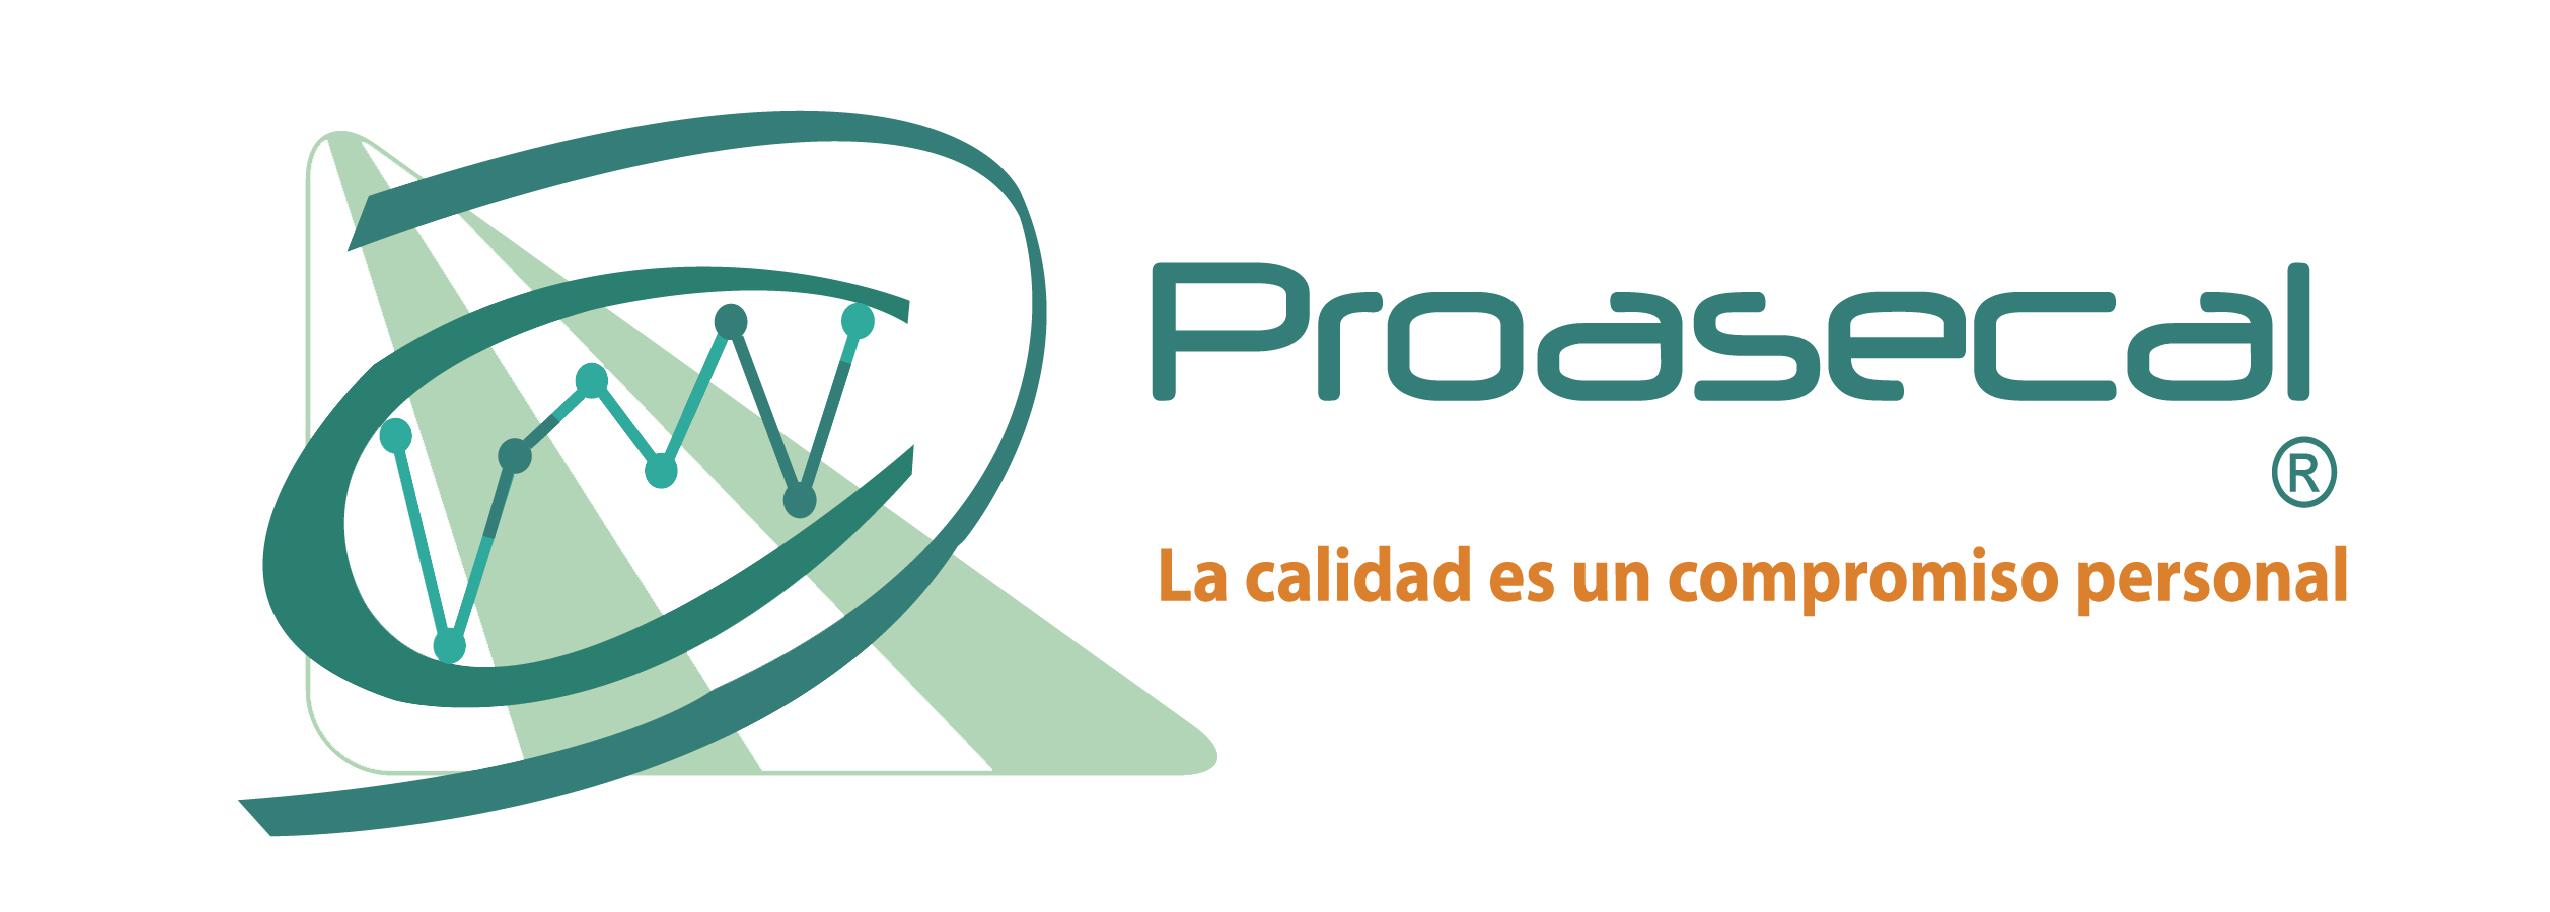 Proasecal